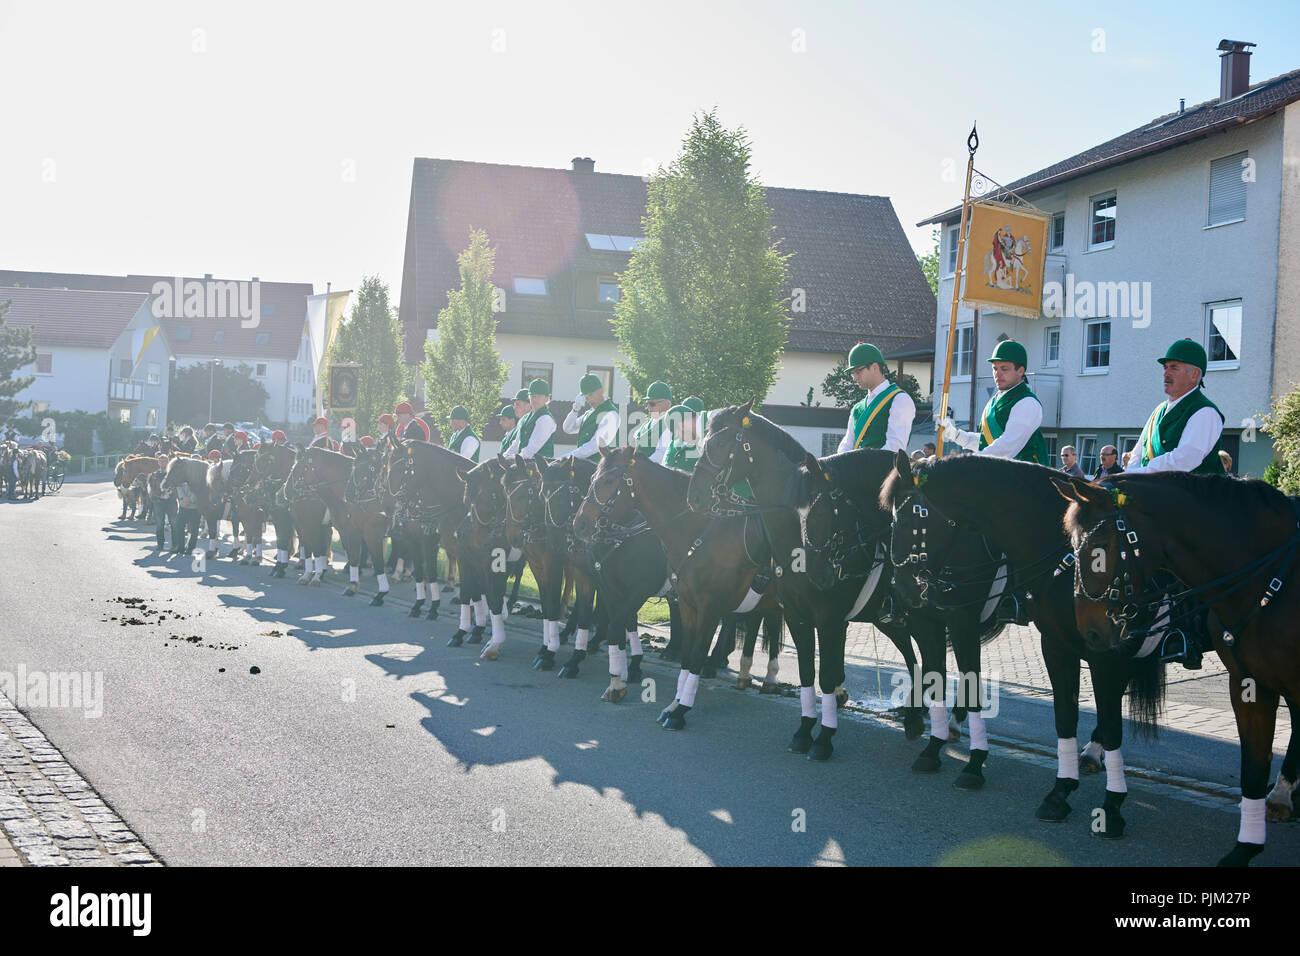 En Schwenningen Blutritt - un jinete procesión, con la solicitud para la salud de los seres humanos y los animales. Imagen De Stock